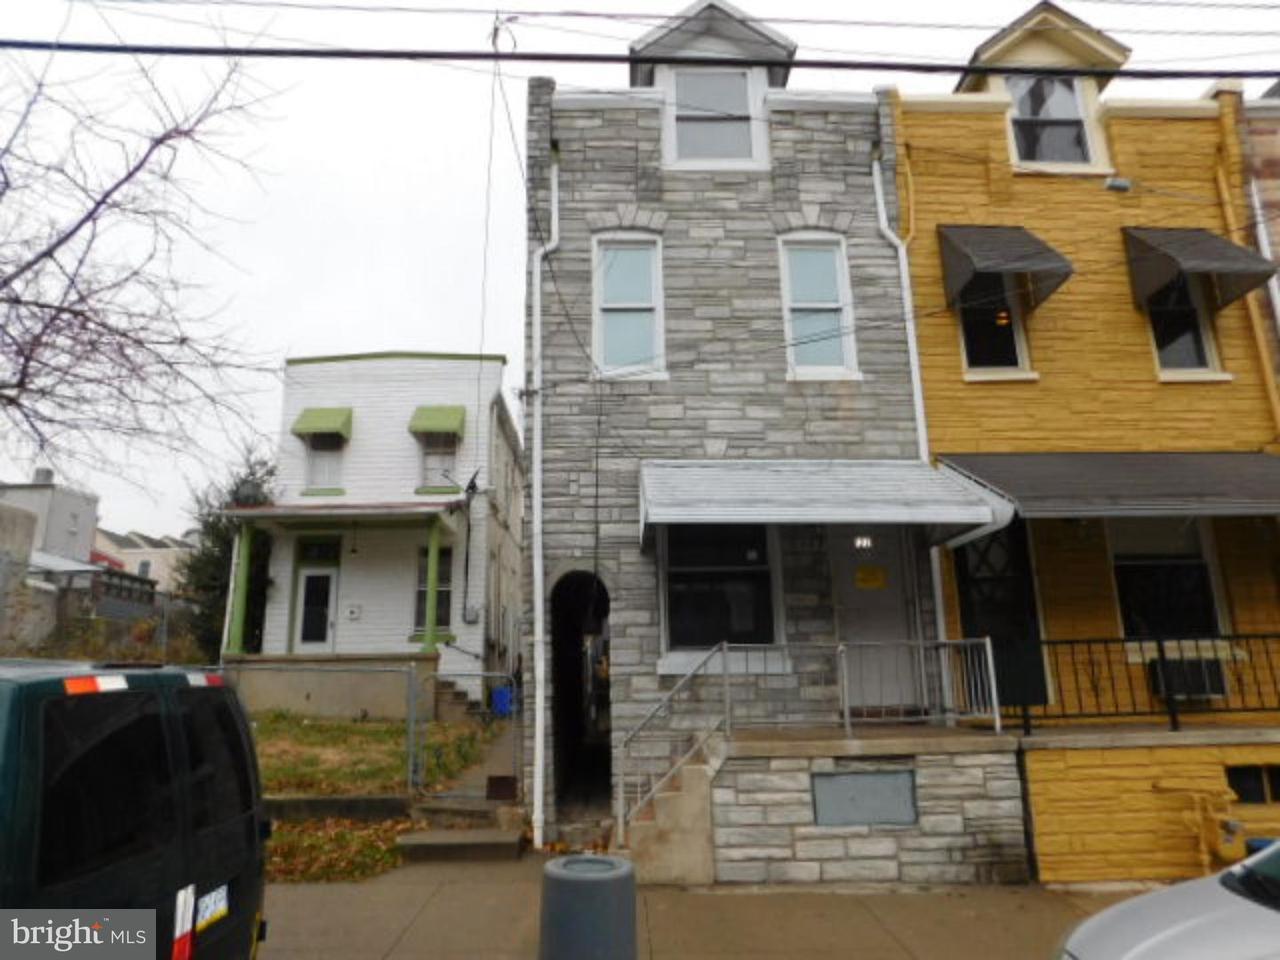 联栋屋 为 销售 在 122 S 2ND Avenue West Reading, 宾夕法尼亚州 19611 美国